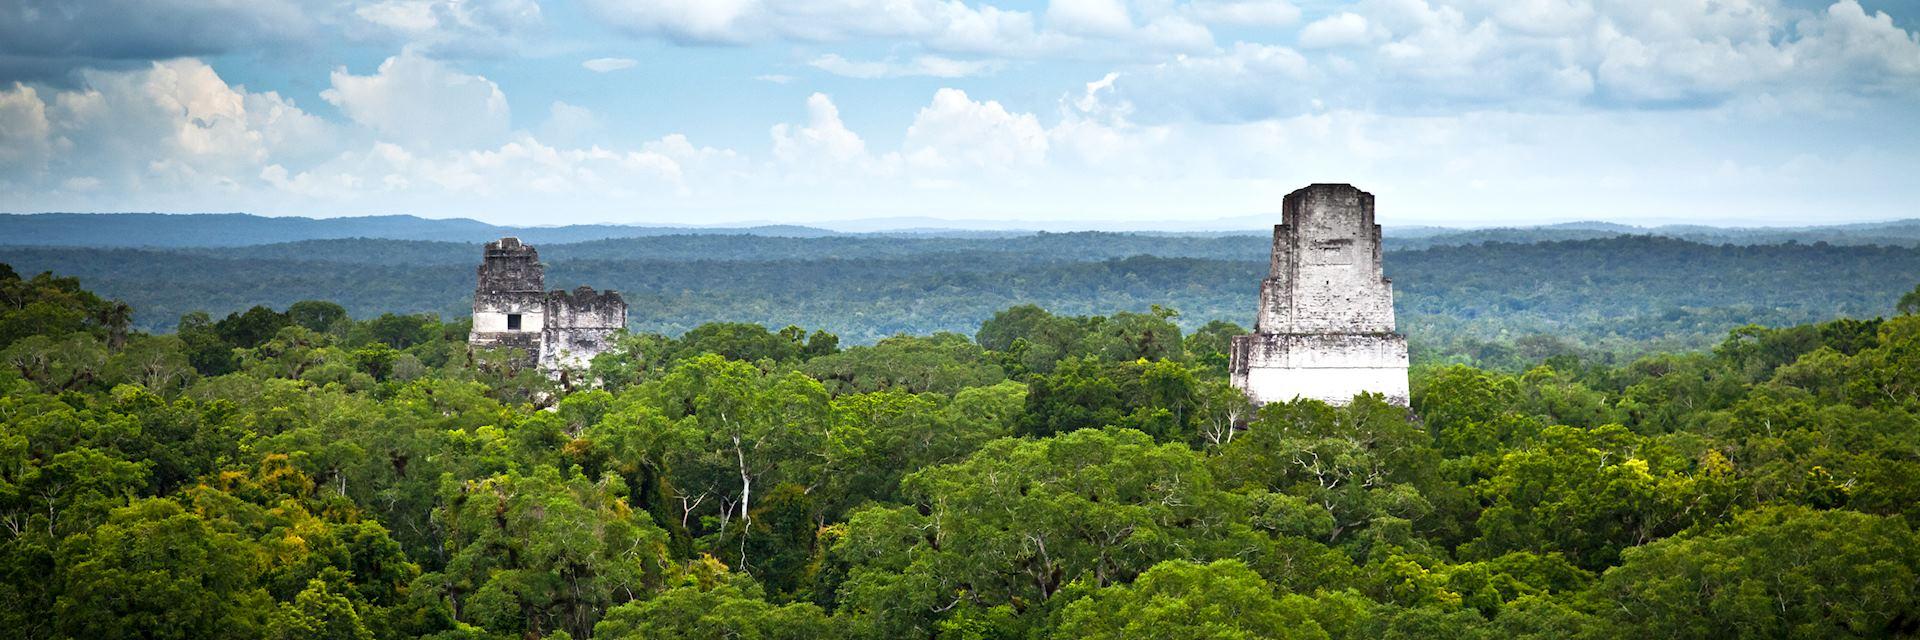 Maya ruins in Tikal National Park